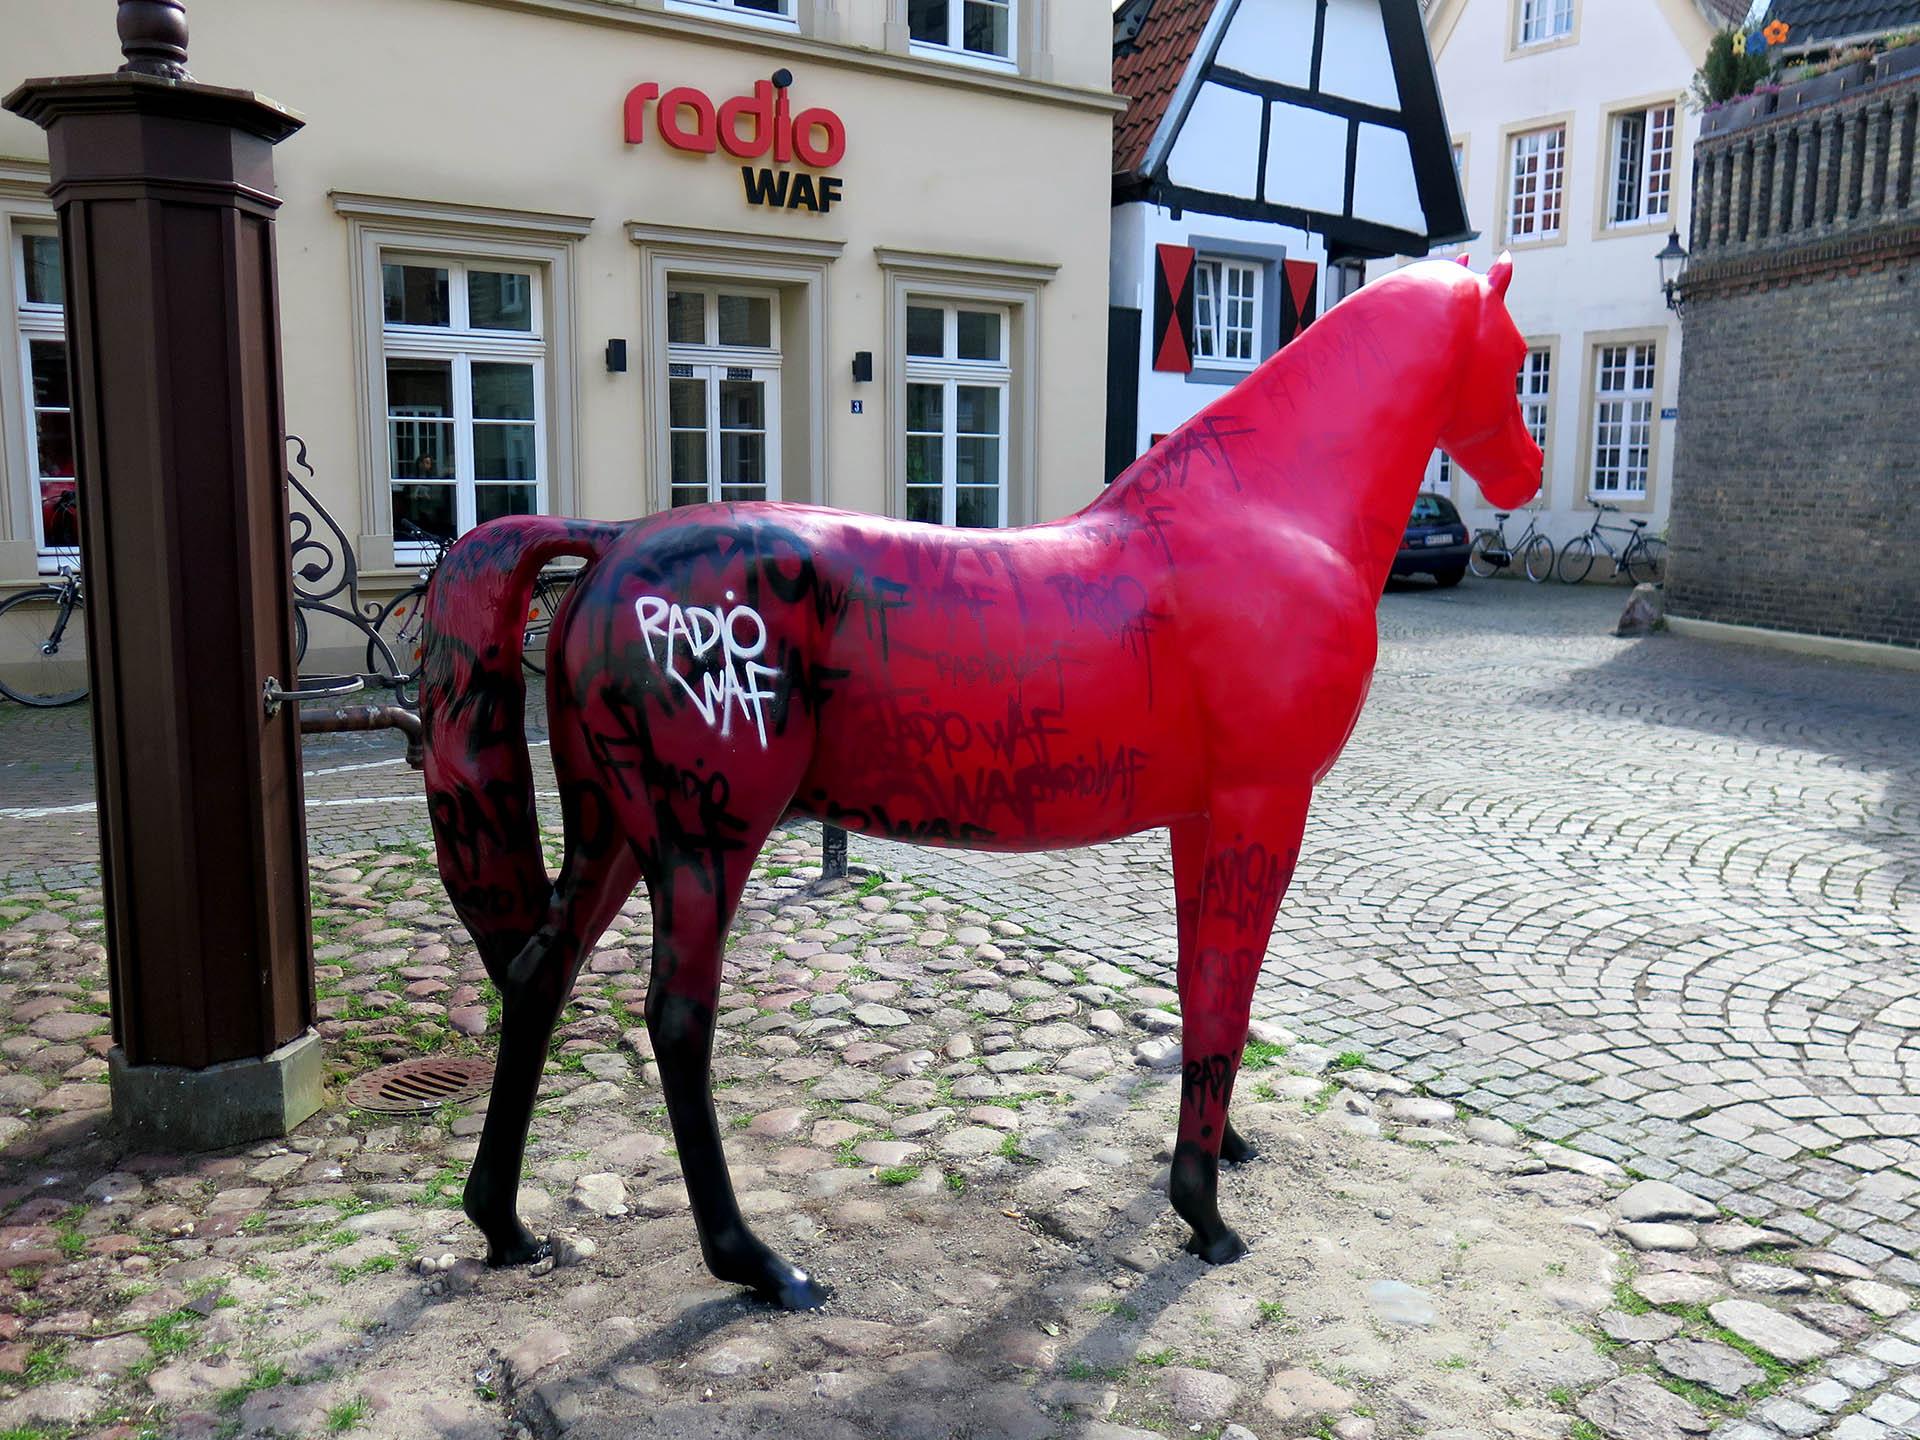 Skulptur, Pferd, Radio, WAF, Warendorf, Graffiti, Spray, Kunst, Projekt, Bennet Grüttner